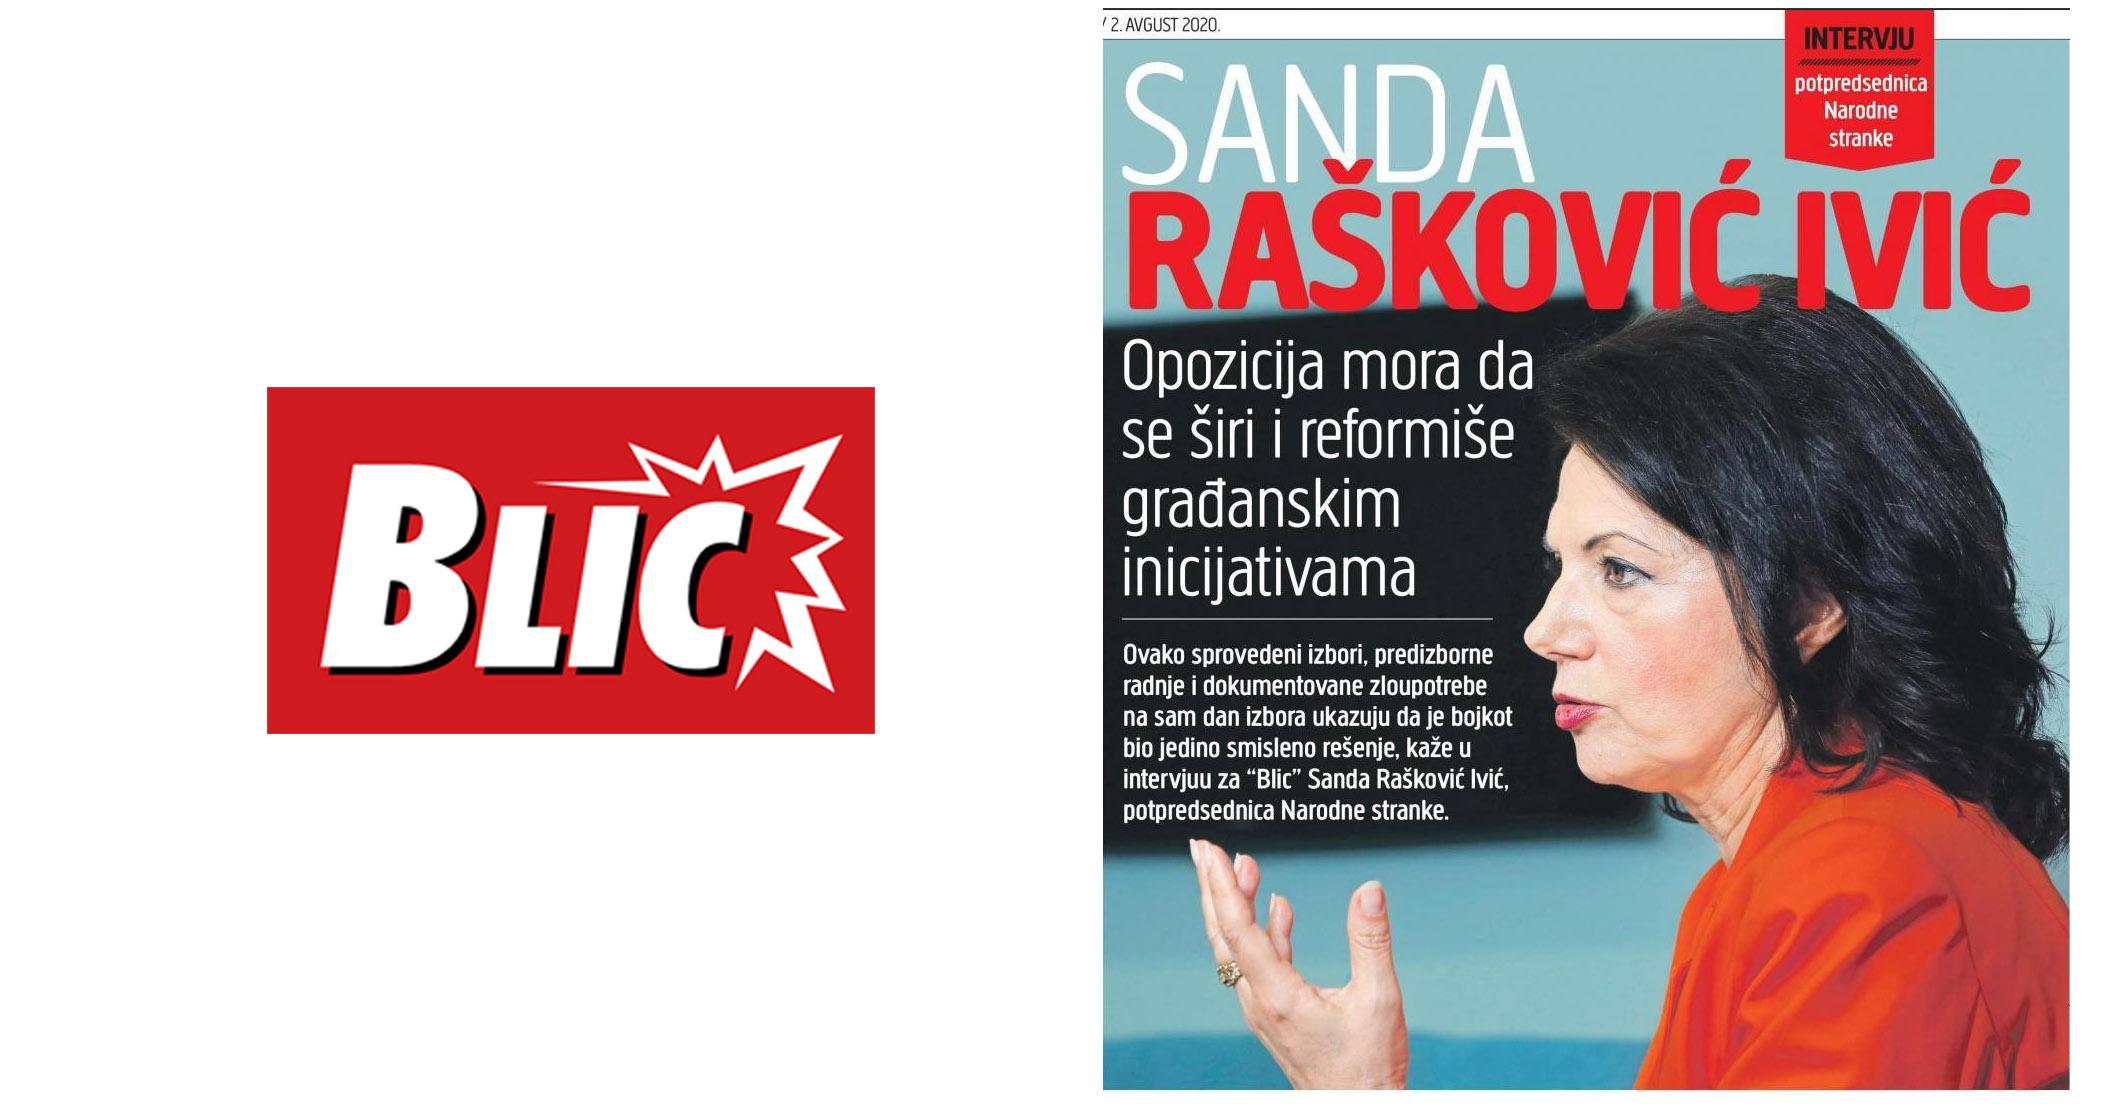 Санда Рашковић Ивић: Буди се слободна Србија, једнопартијски режим то не може да заустави